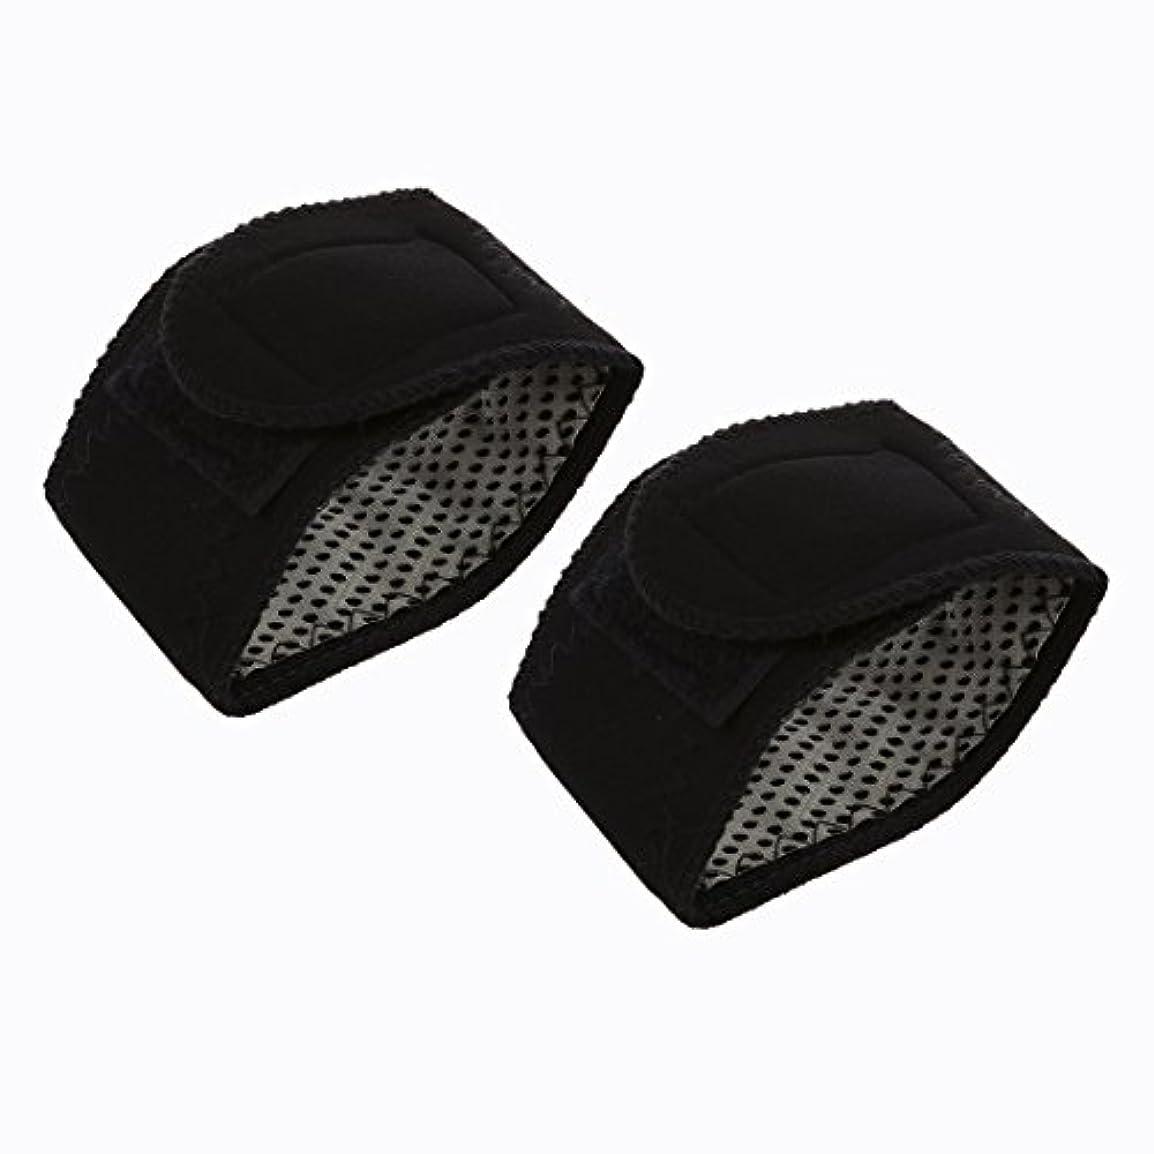 所有者やりすぎ剃るACAMPTAR 2xトルマリン セルフ発熱リスト ブレースサポートストラップ 磁気 ファー 赤外線